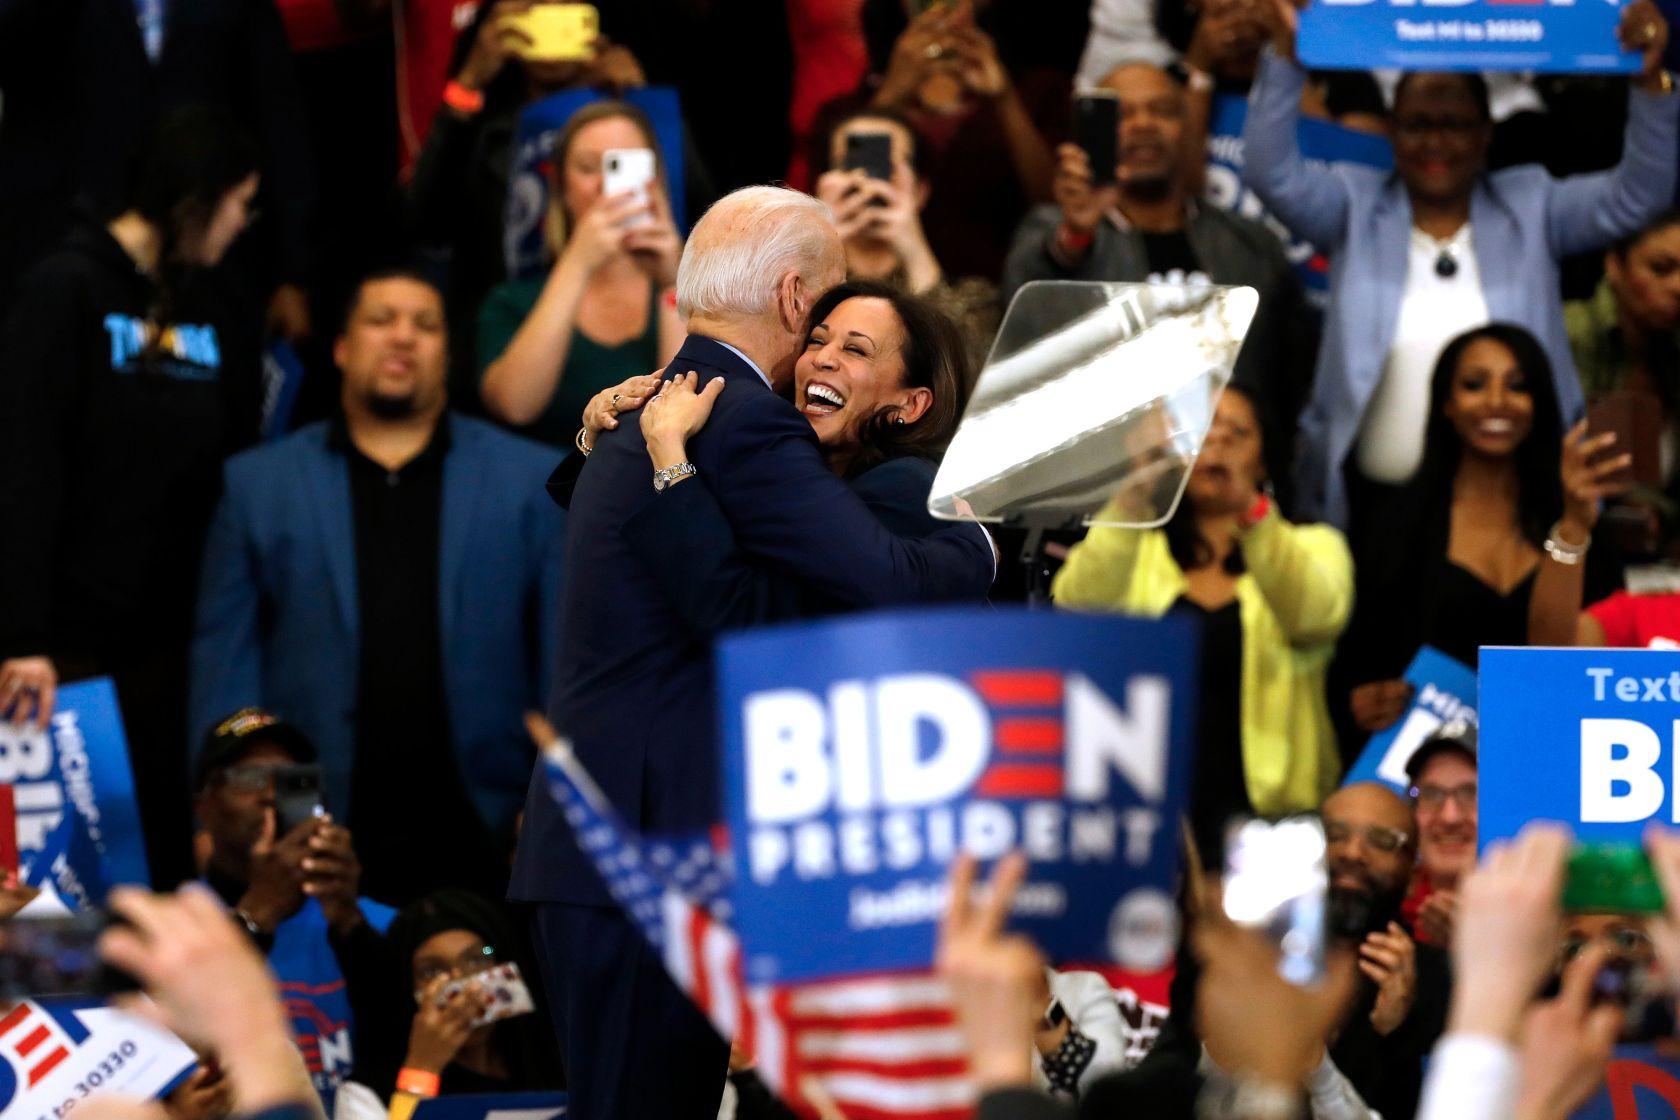 Primera convención demócrata para avalar la fórmula Biden-Harris